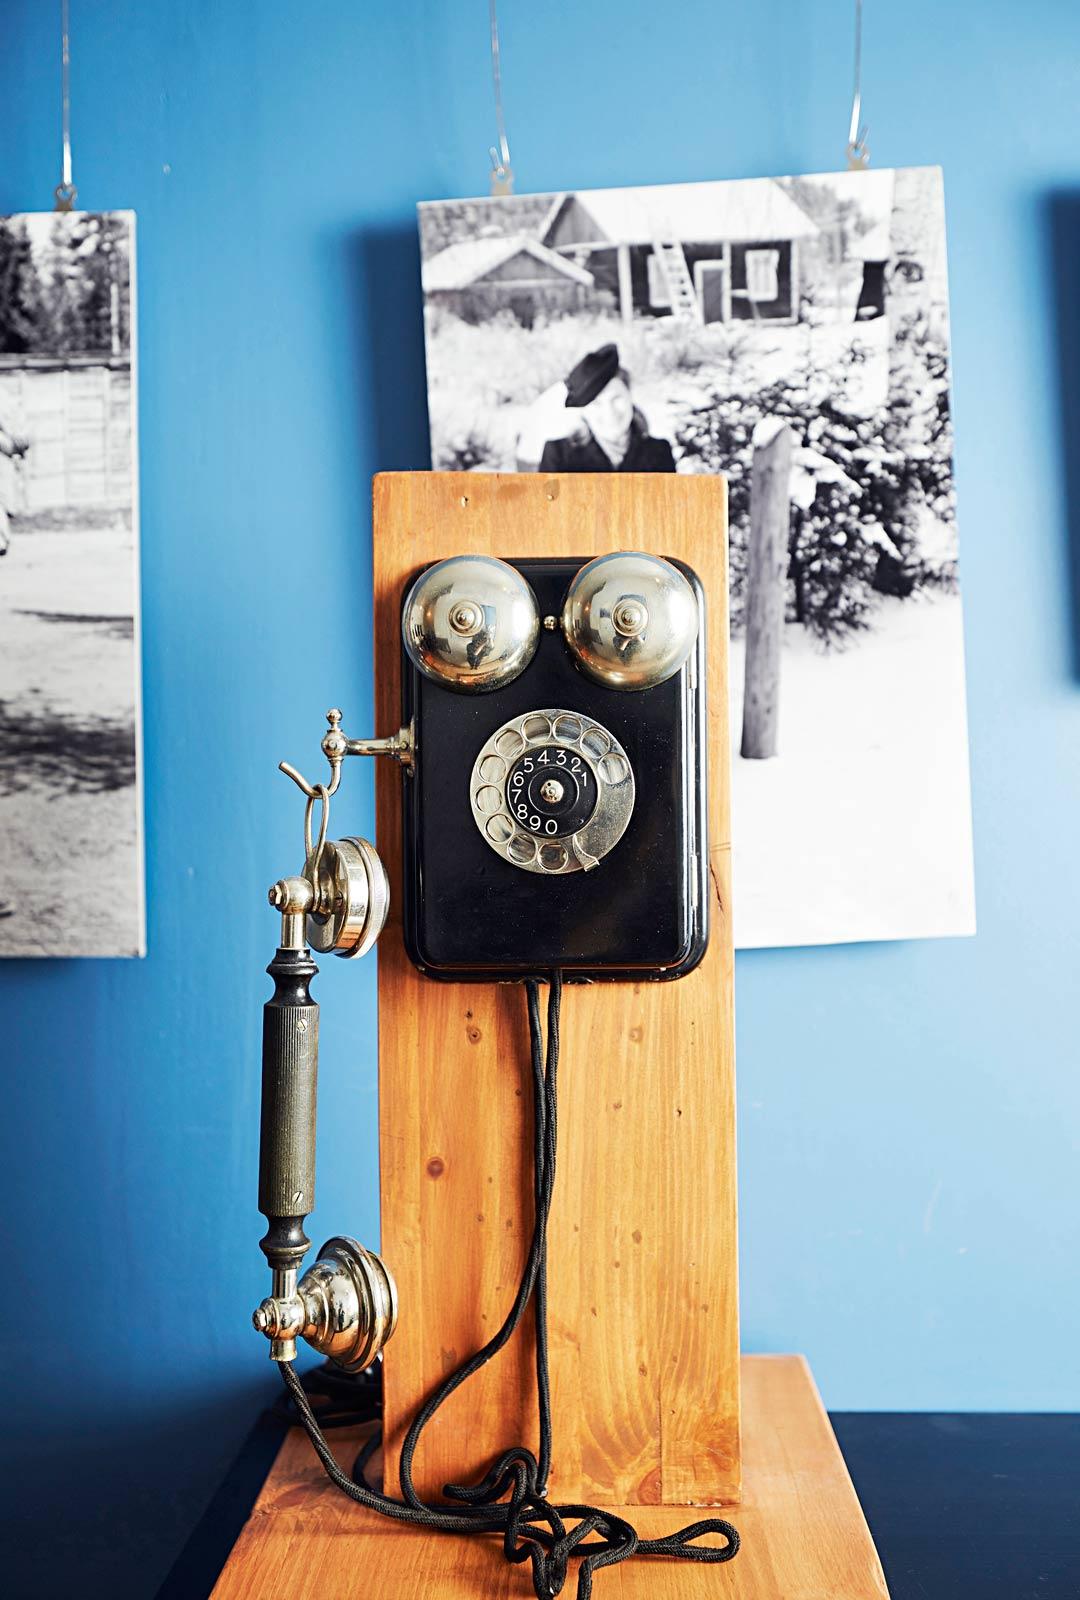 Veli-Matin harrastamat vanhat tavarat saavat näkyä hänen asuntonsa sisutuksessa. Mies rakensi myös jokaiseen asuntoon oman sisäpuhelimen.